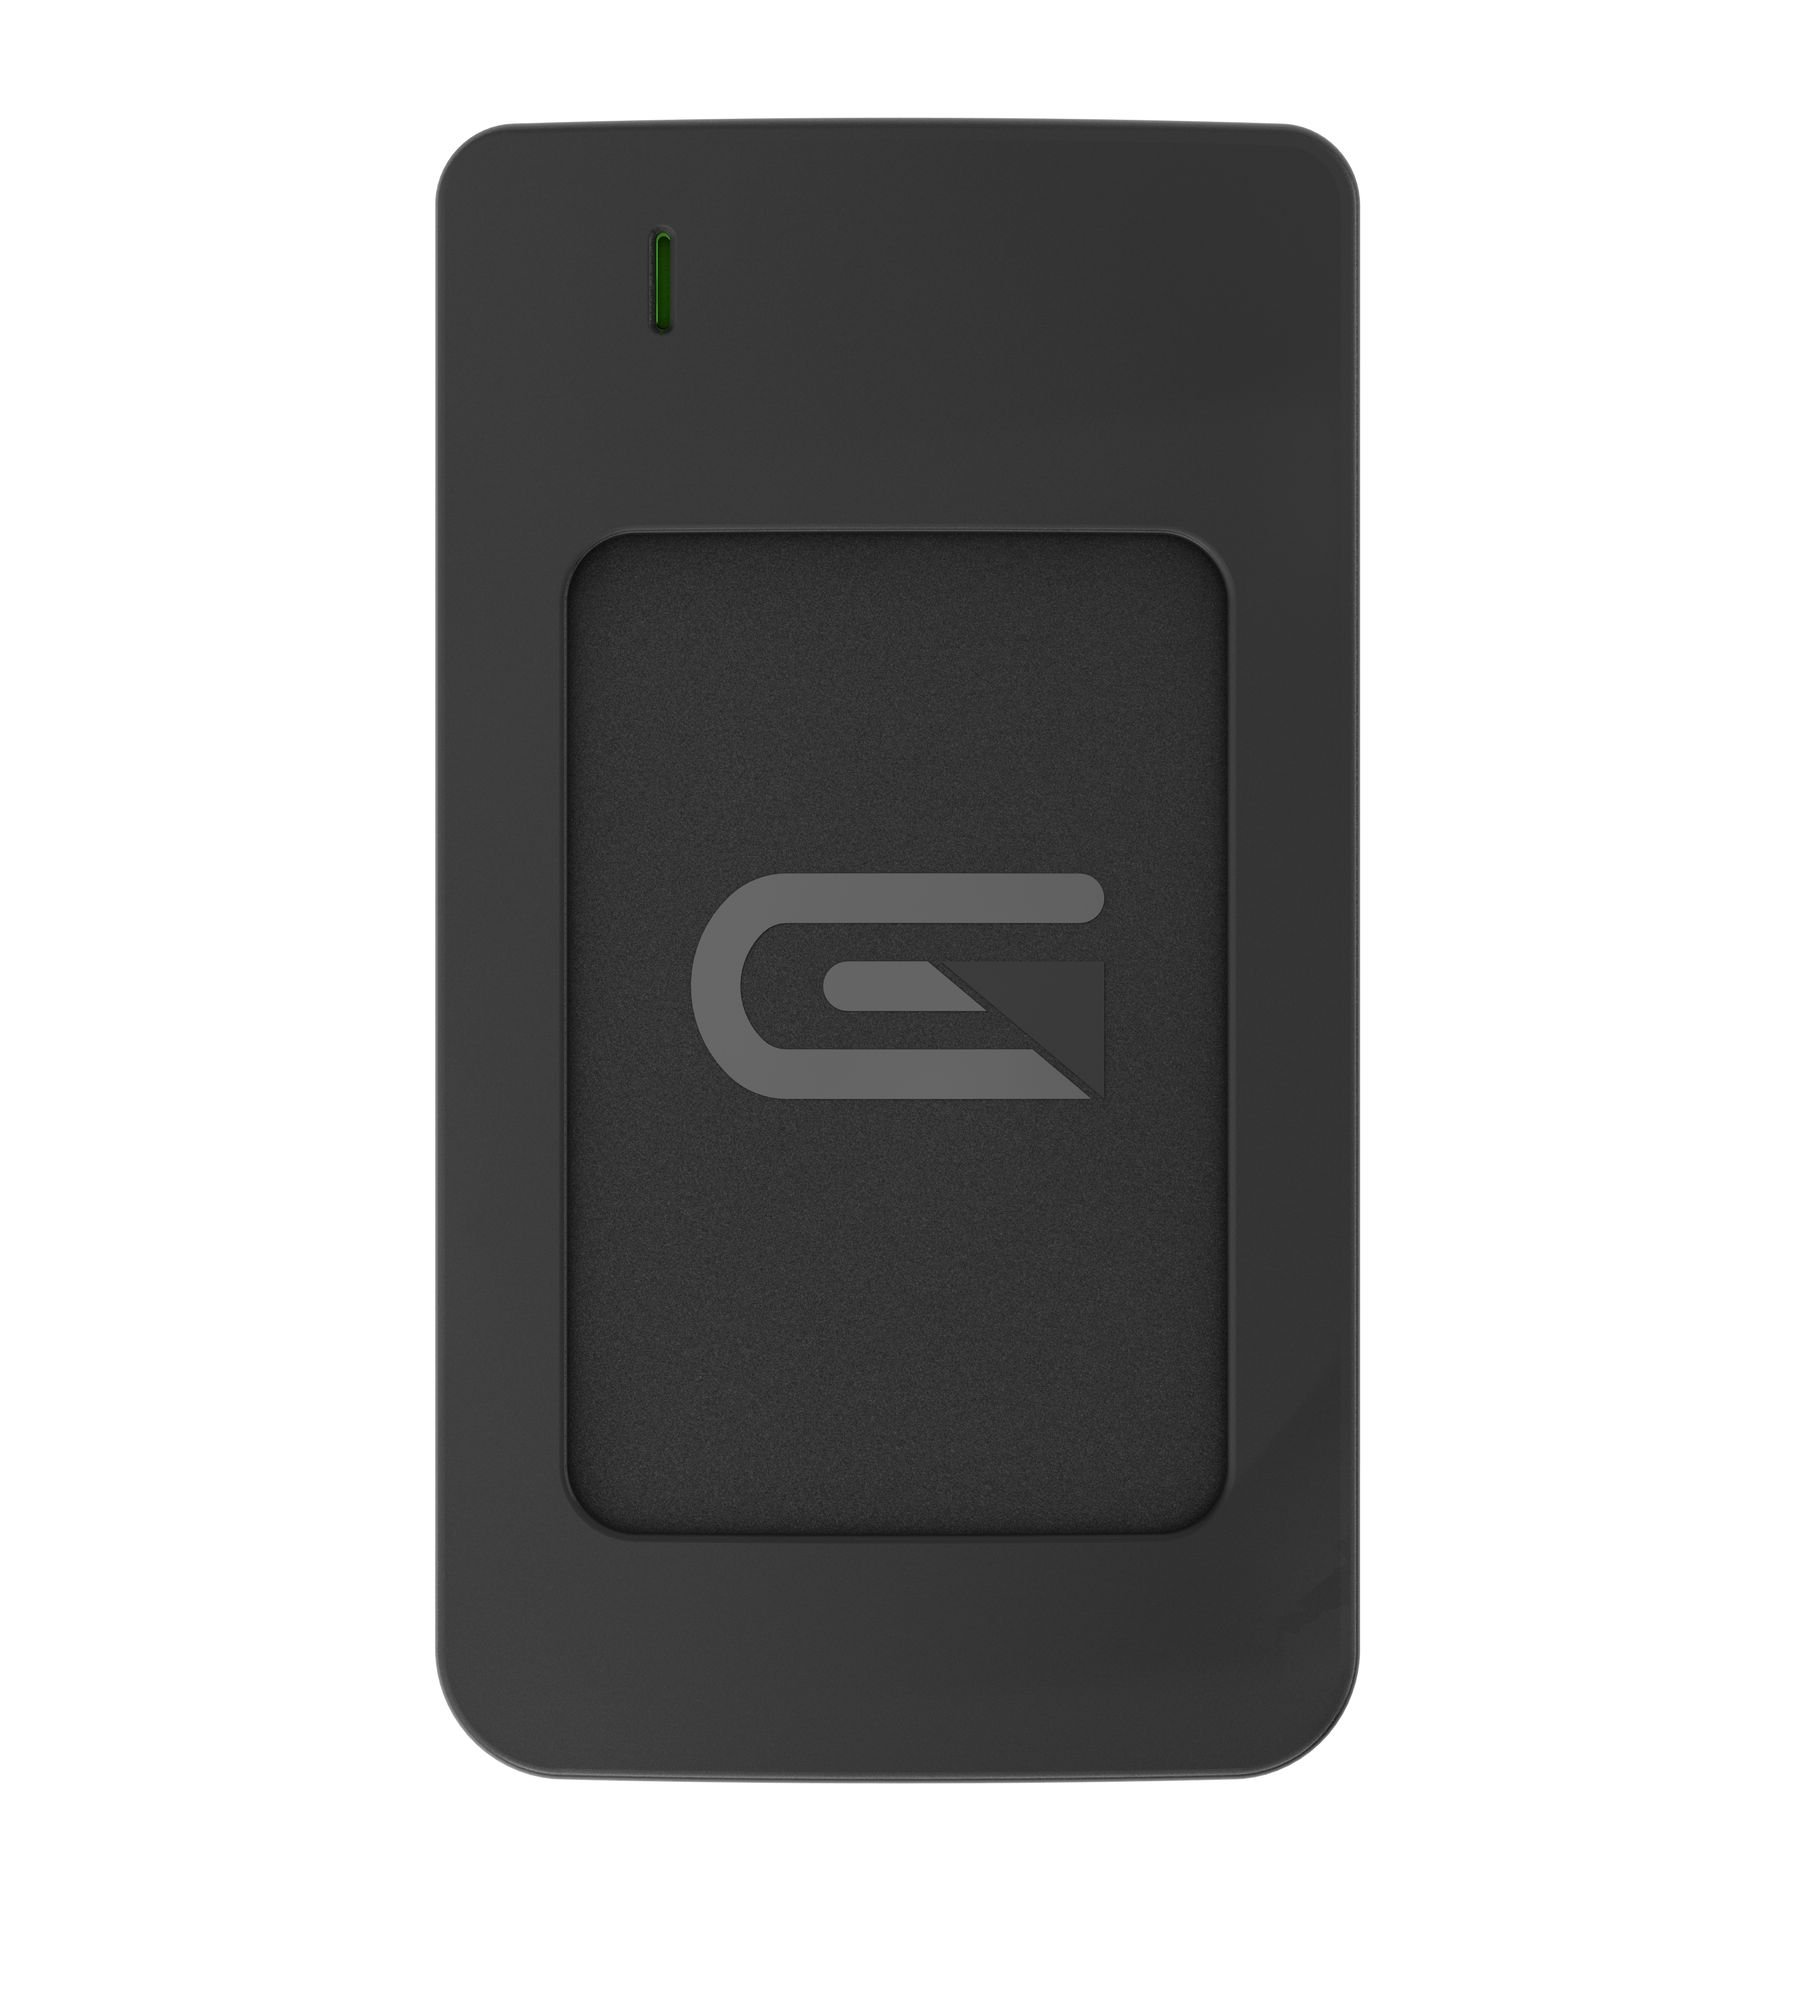 Glyph Atom RAID Black, 1TB SSD, USB-C (3.1, Gen 2), USB 3.0, Compatible with Thunderbolt 3 by Glyph